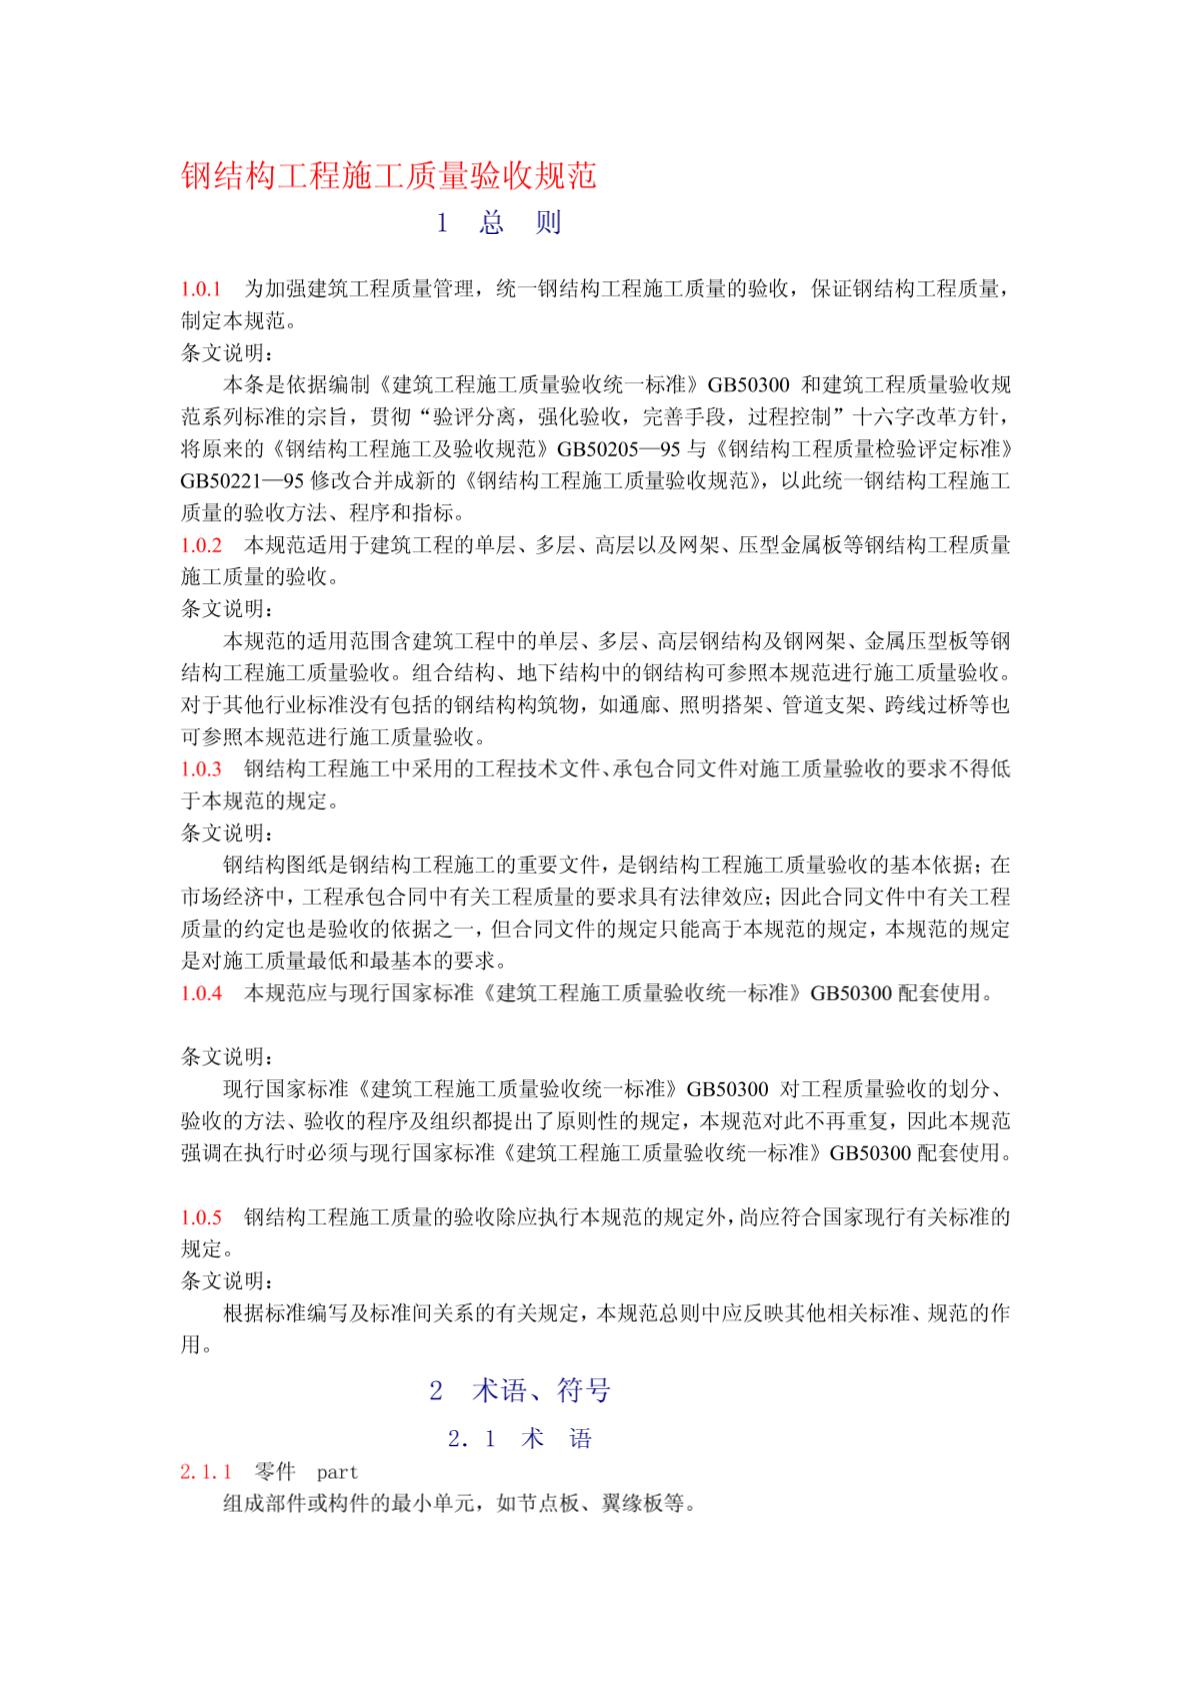 钢结构工程施工质量验收规范_文档下载